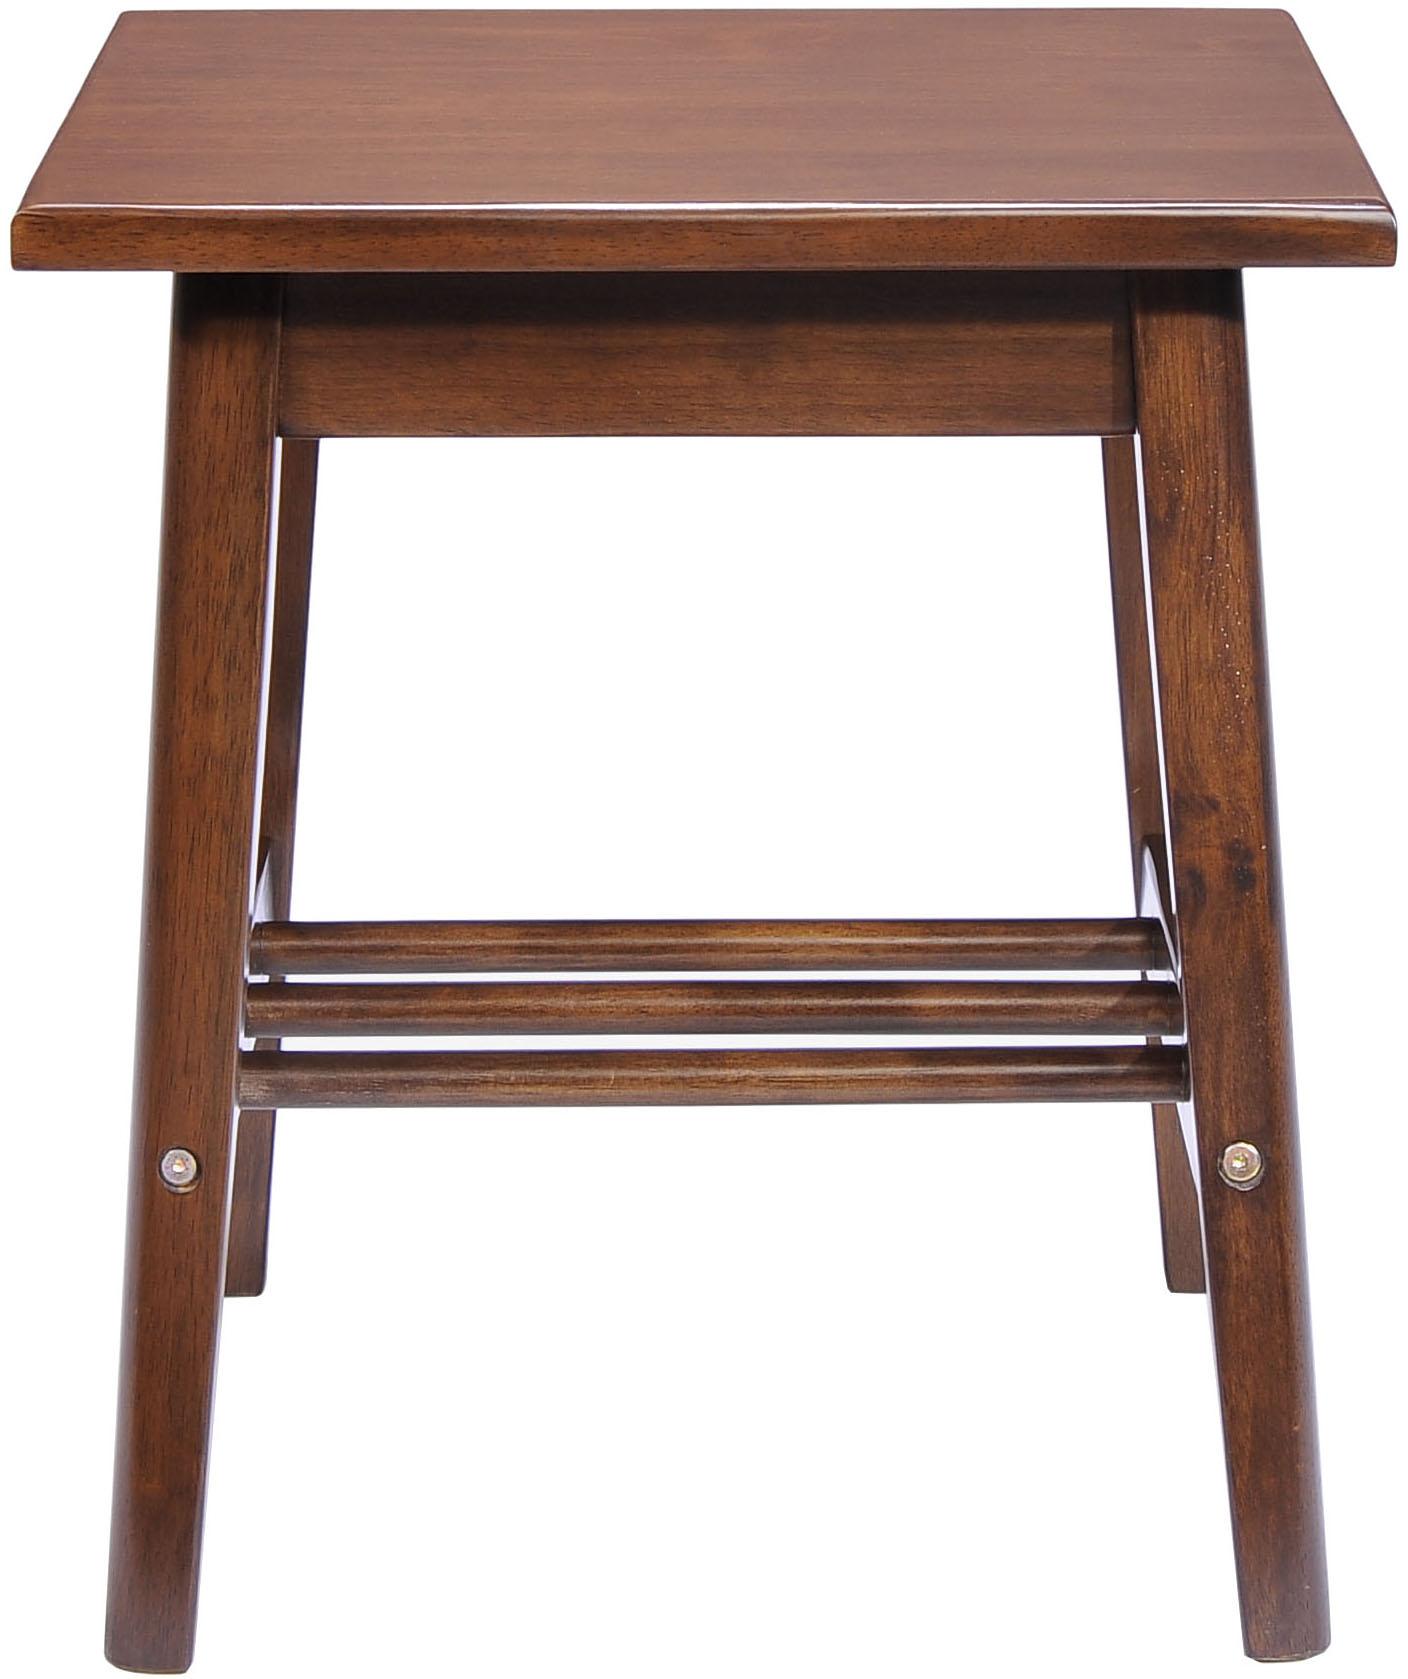 zuo modern 404226 aventura side table